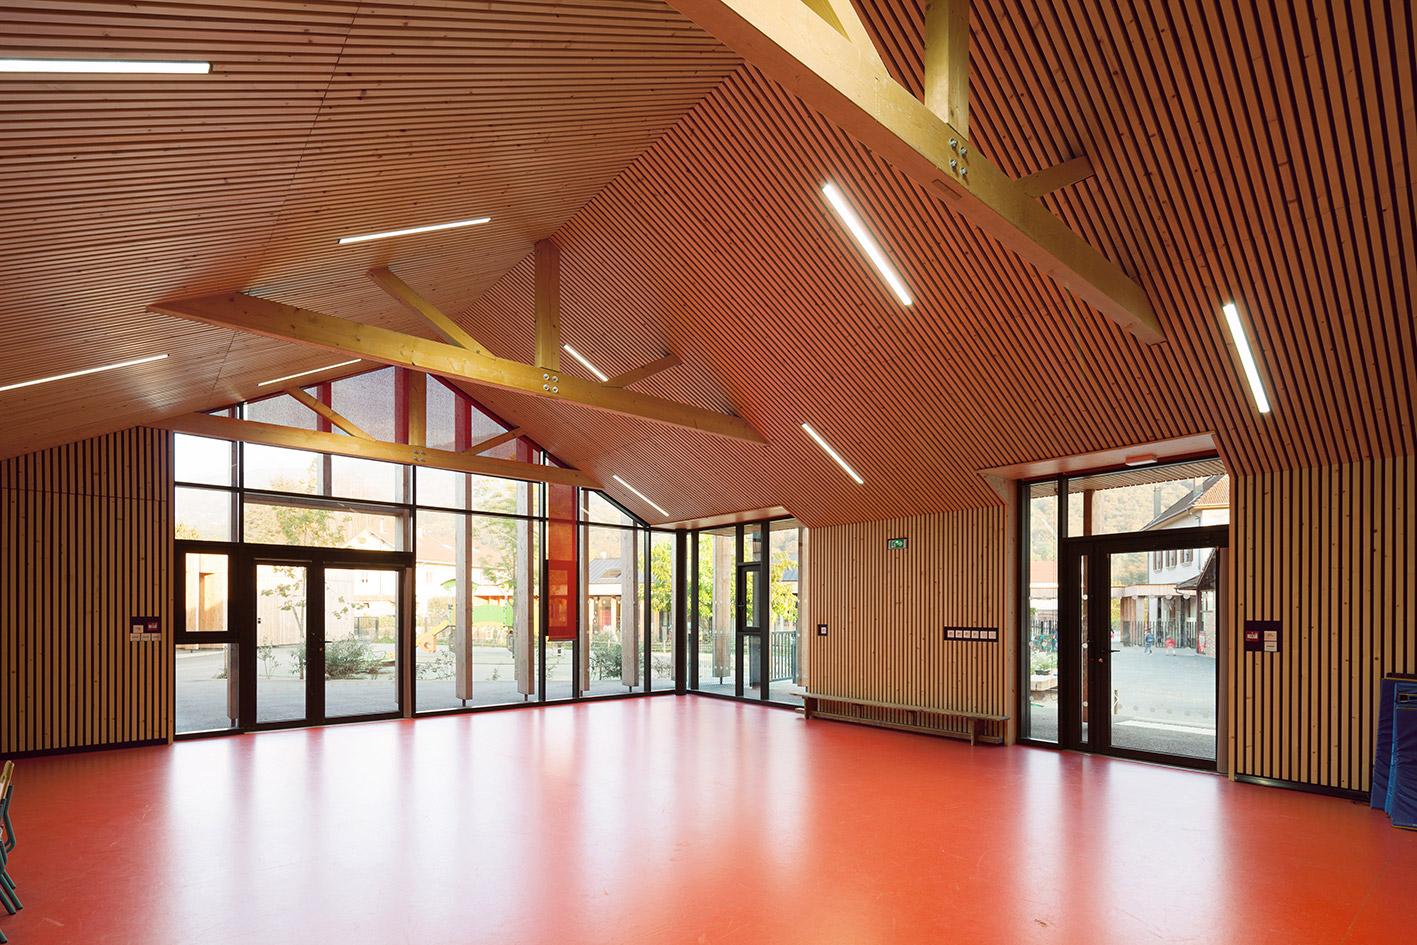 jerome-ricolleau-photographe-architecture-lyon-Composite-grenoble-vaulnaveys-le-haut-restructuration-extension-ecole-jules-bruant-maternelle-elementaire-periscolaire-multiaccueil-10